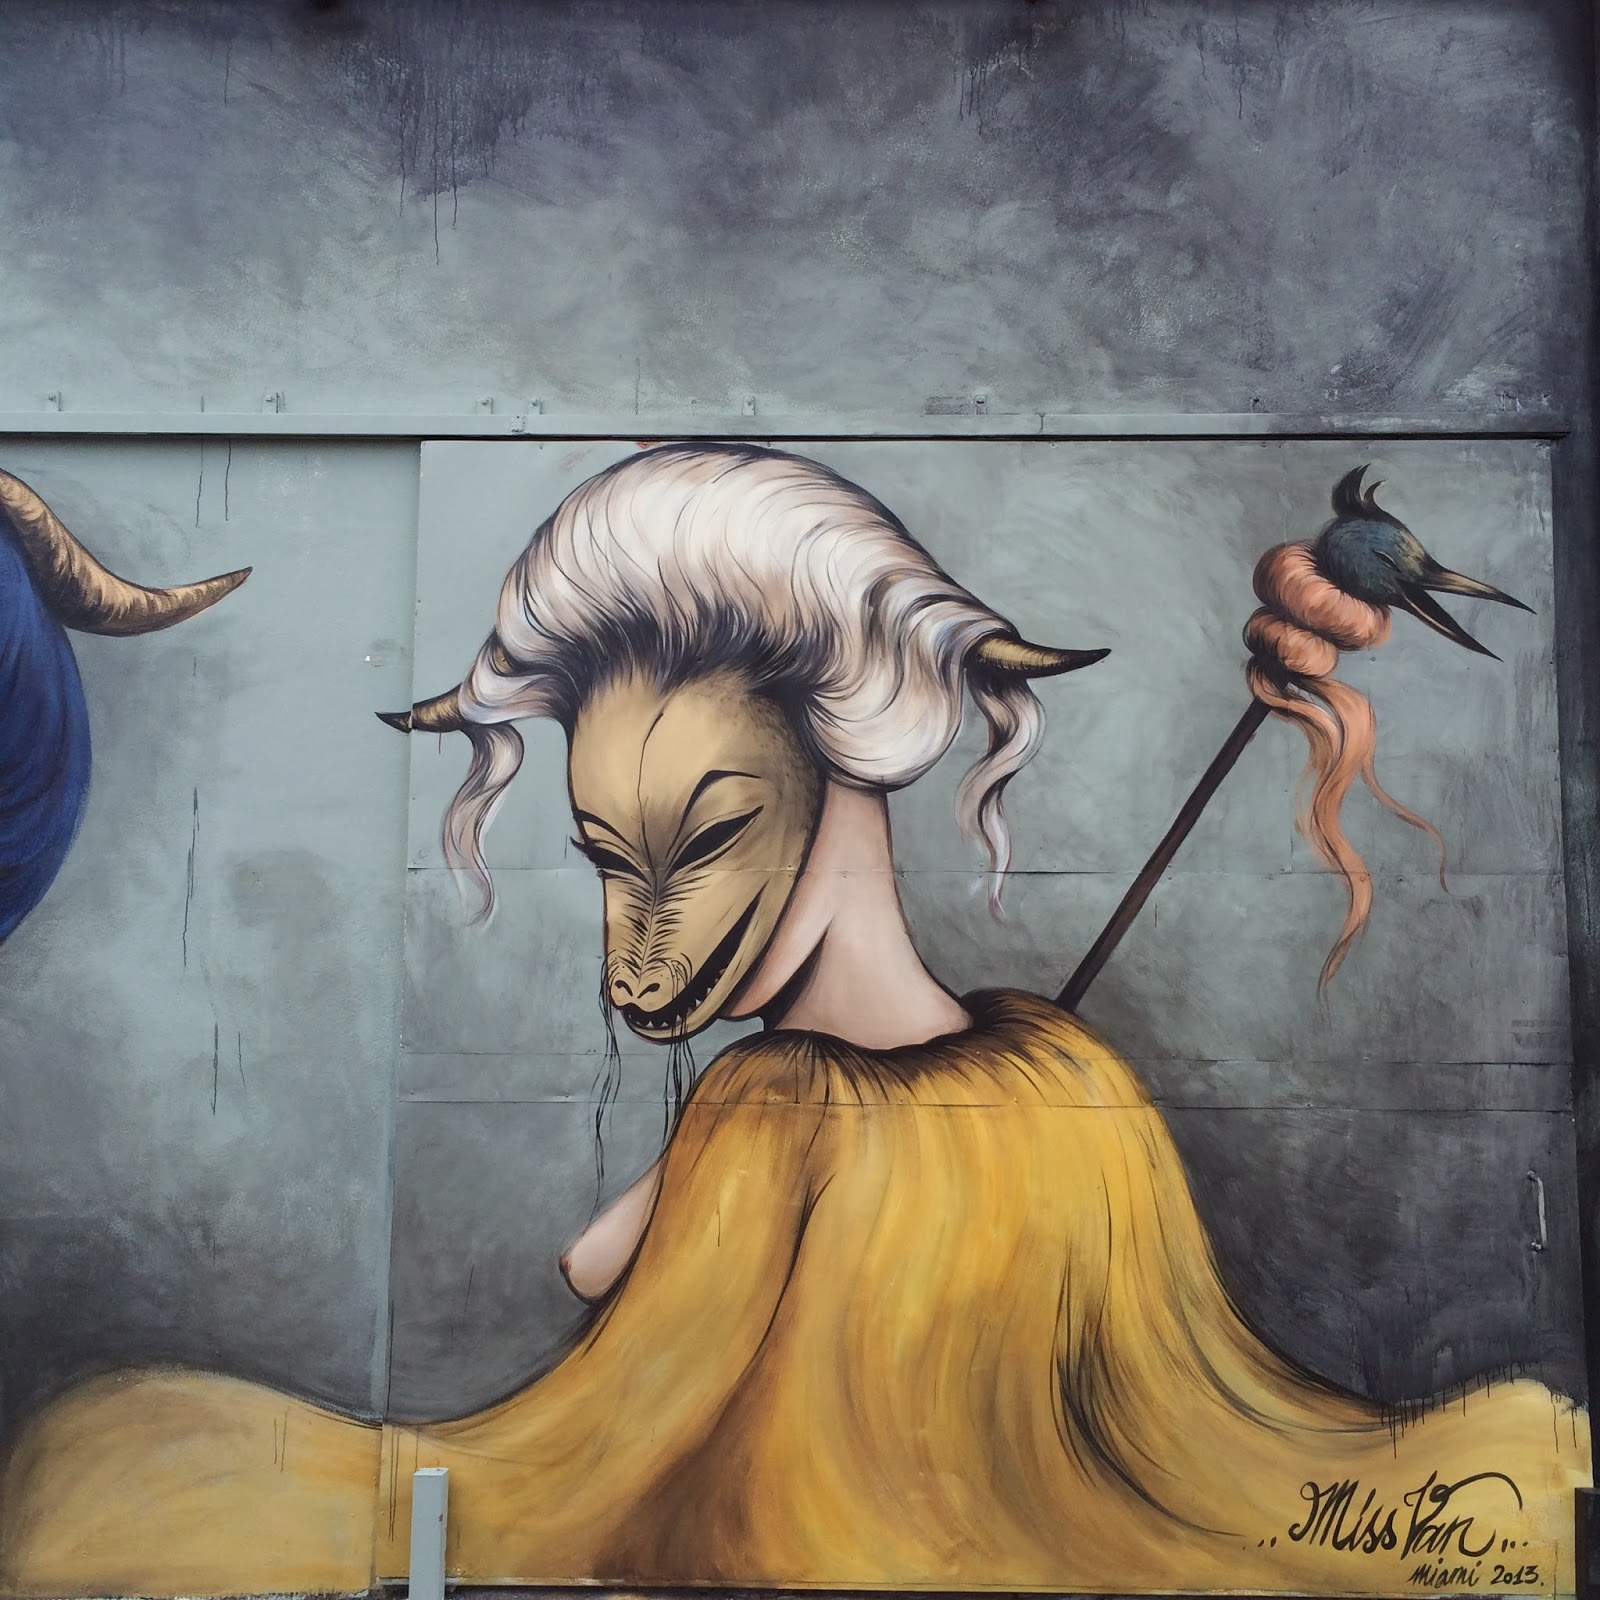 miss-van-new-mural-at-art-basel-2013-02